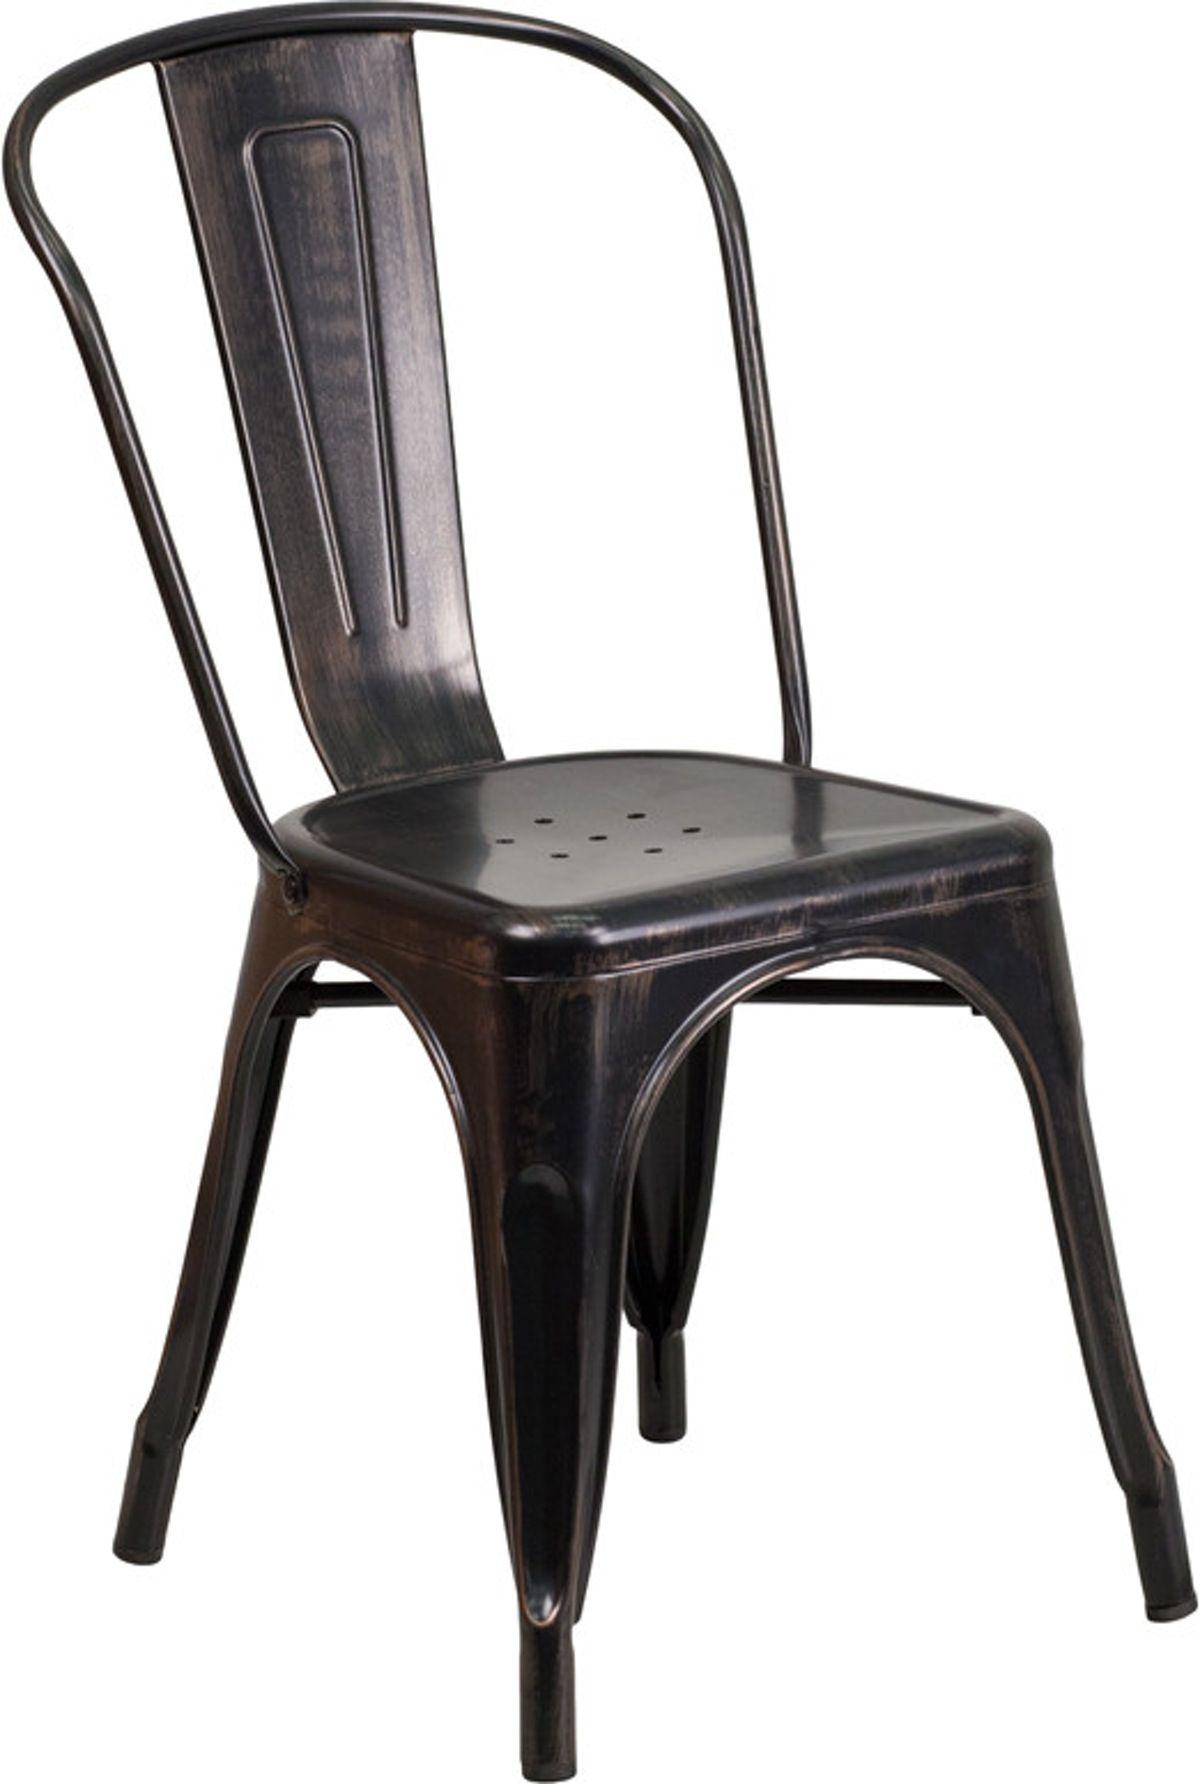 Lightweight stackable chairs - Flash Furniture Metal Indoor Outdoor Stackable Chair